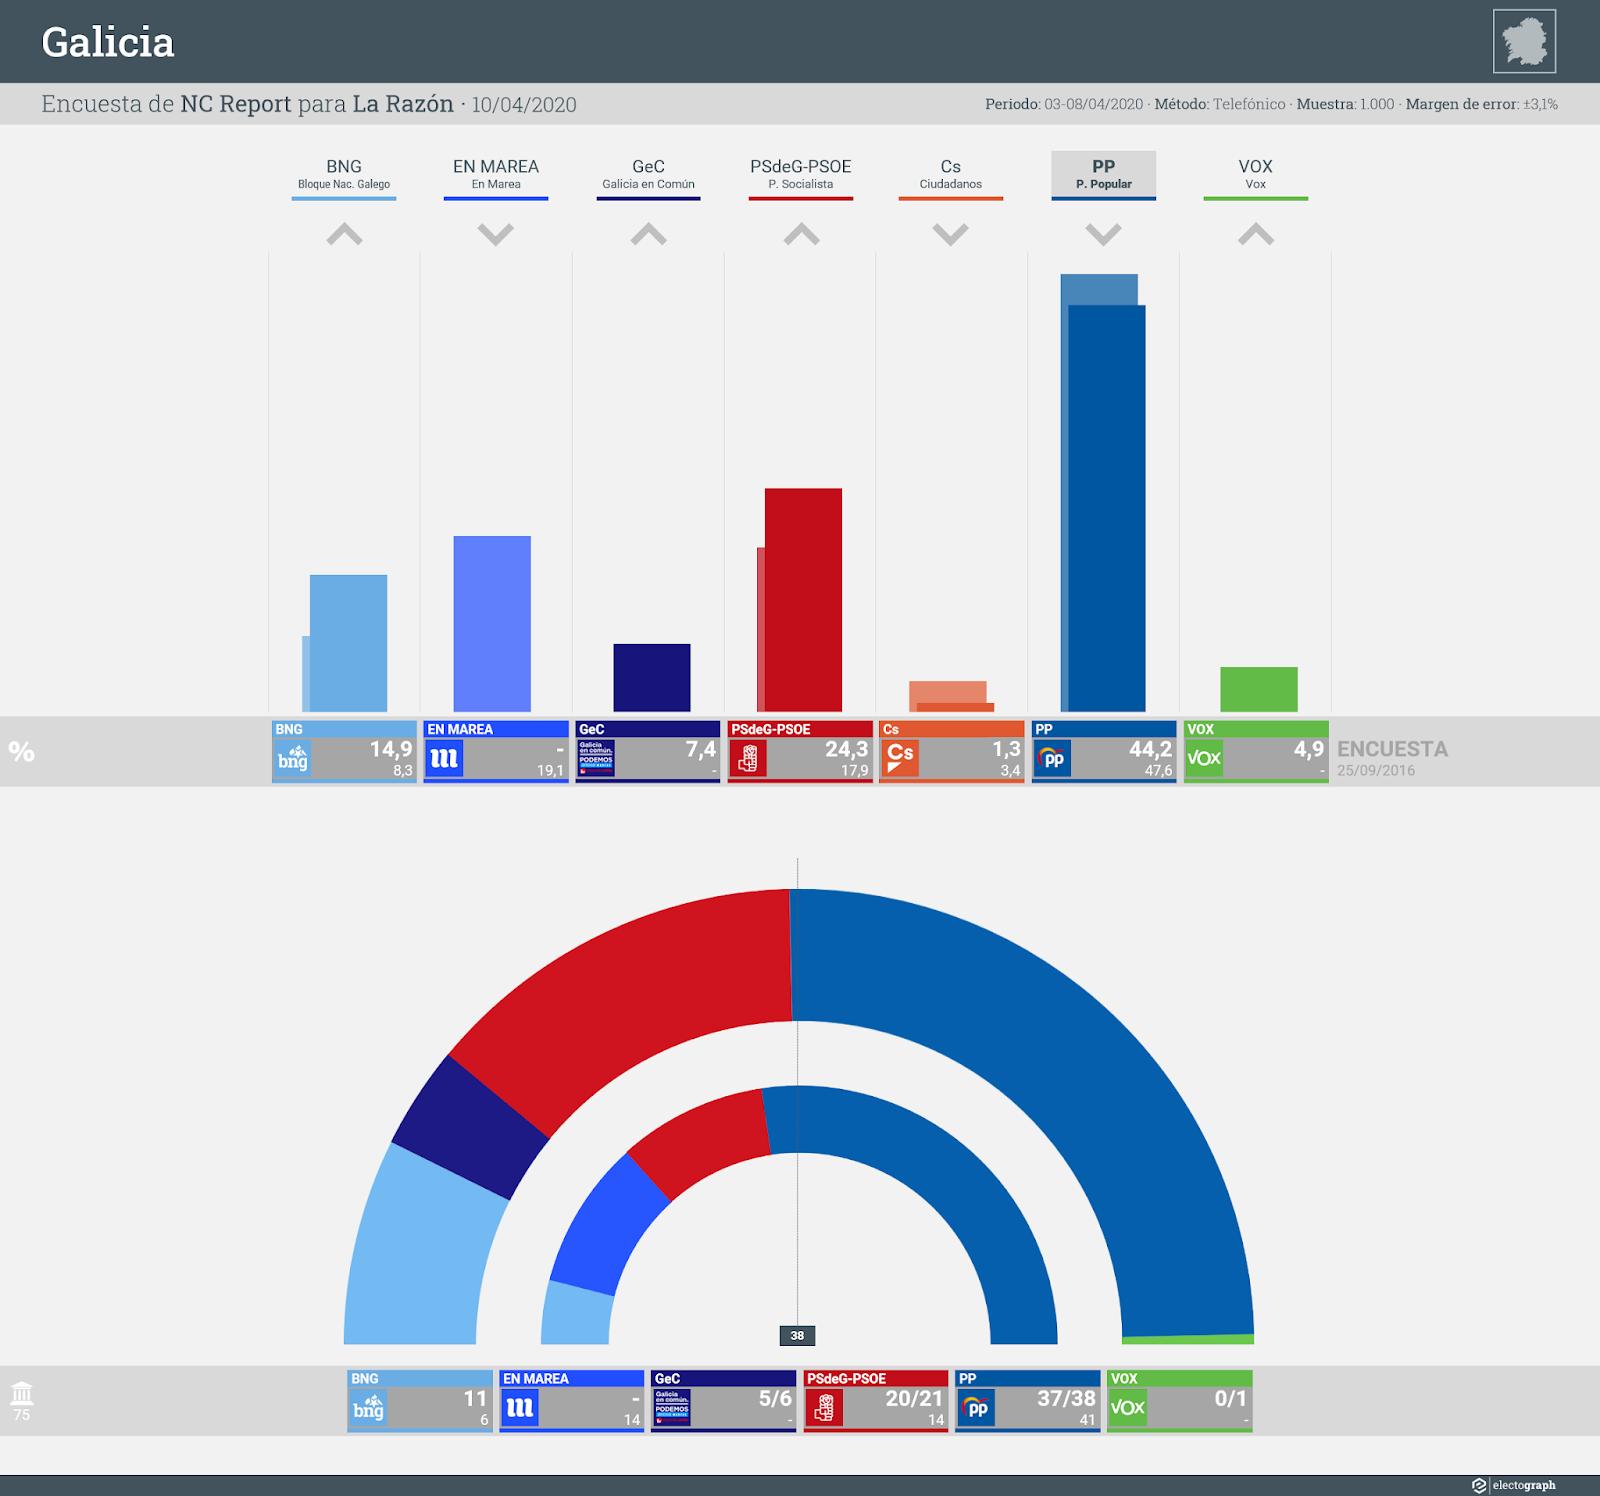 Gráfico de la encuesta para elecciones autonómicas en Galicia realizada por NC Report para La Razón, 10 de abril de 2020